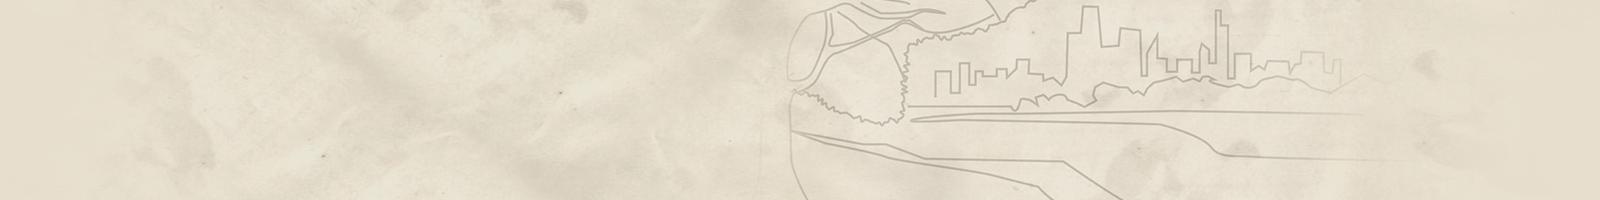 Aplicaciones para ligar entre hombres bico pega Portugal-76045